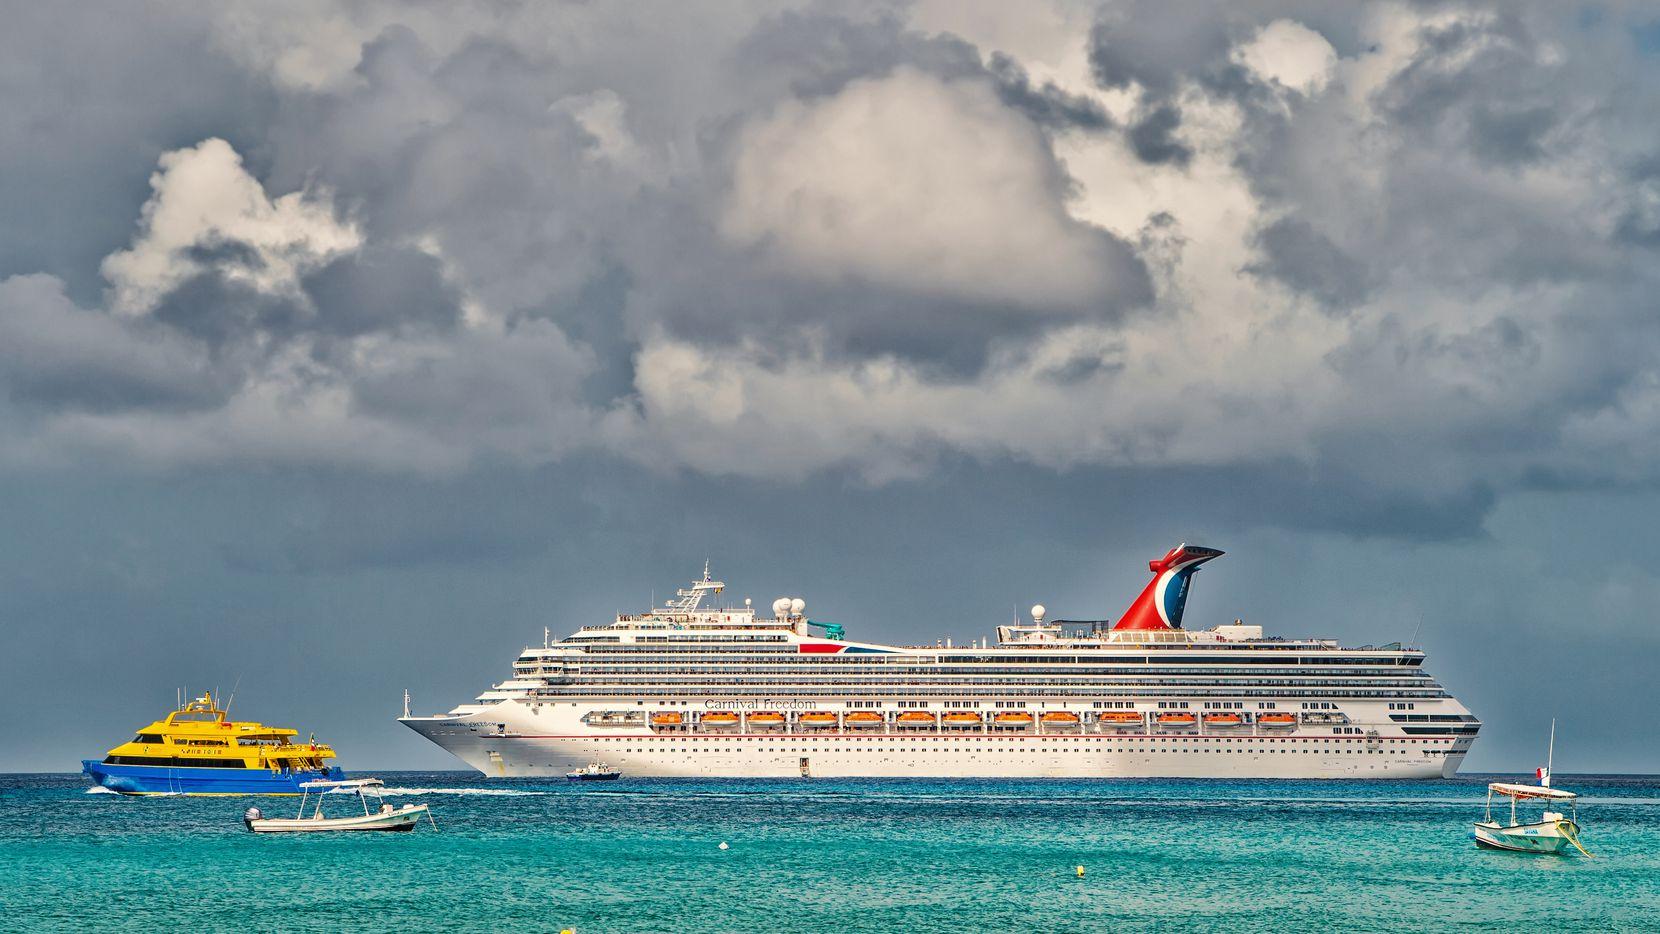 Un crucero de Carnival de visita en el puerto de Cozumel, México.